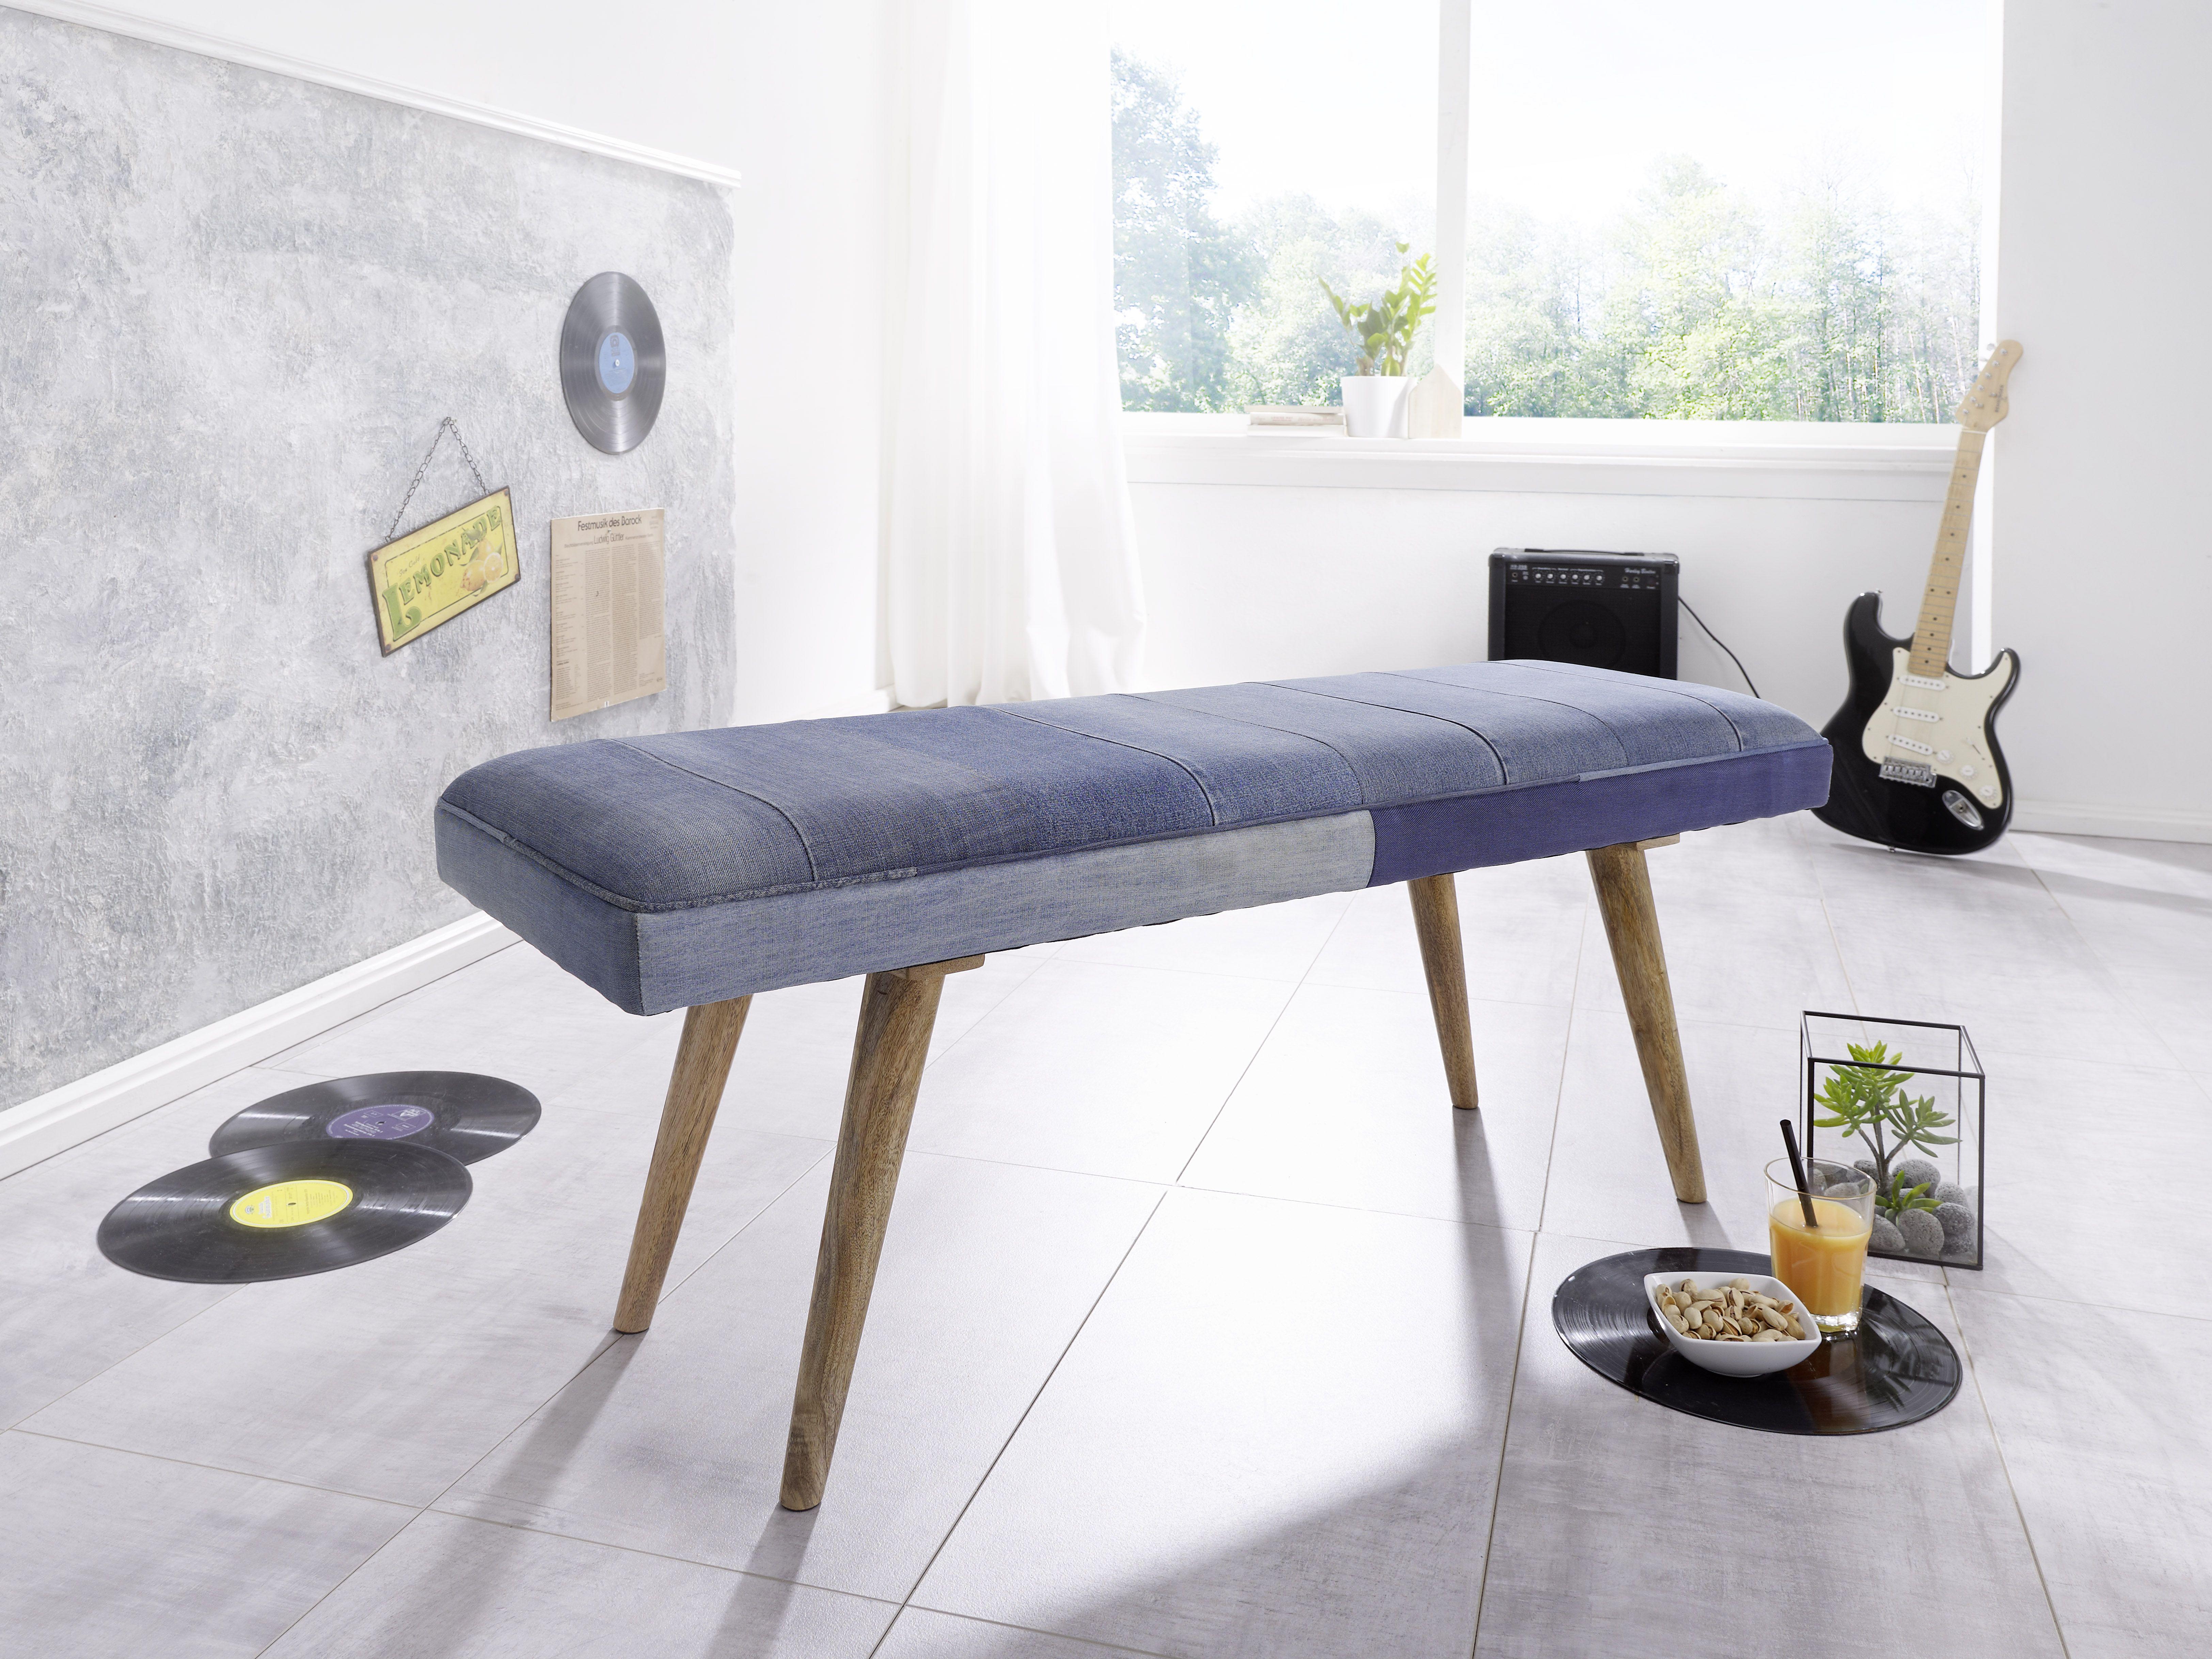 Wohnling Sitzbank mit Denim WL5.320 aus Recyceltem Jeansstoff und ...